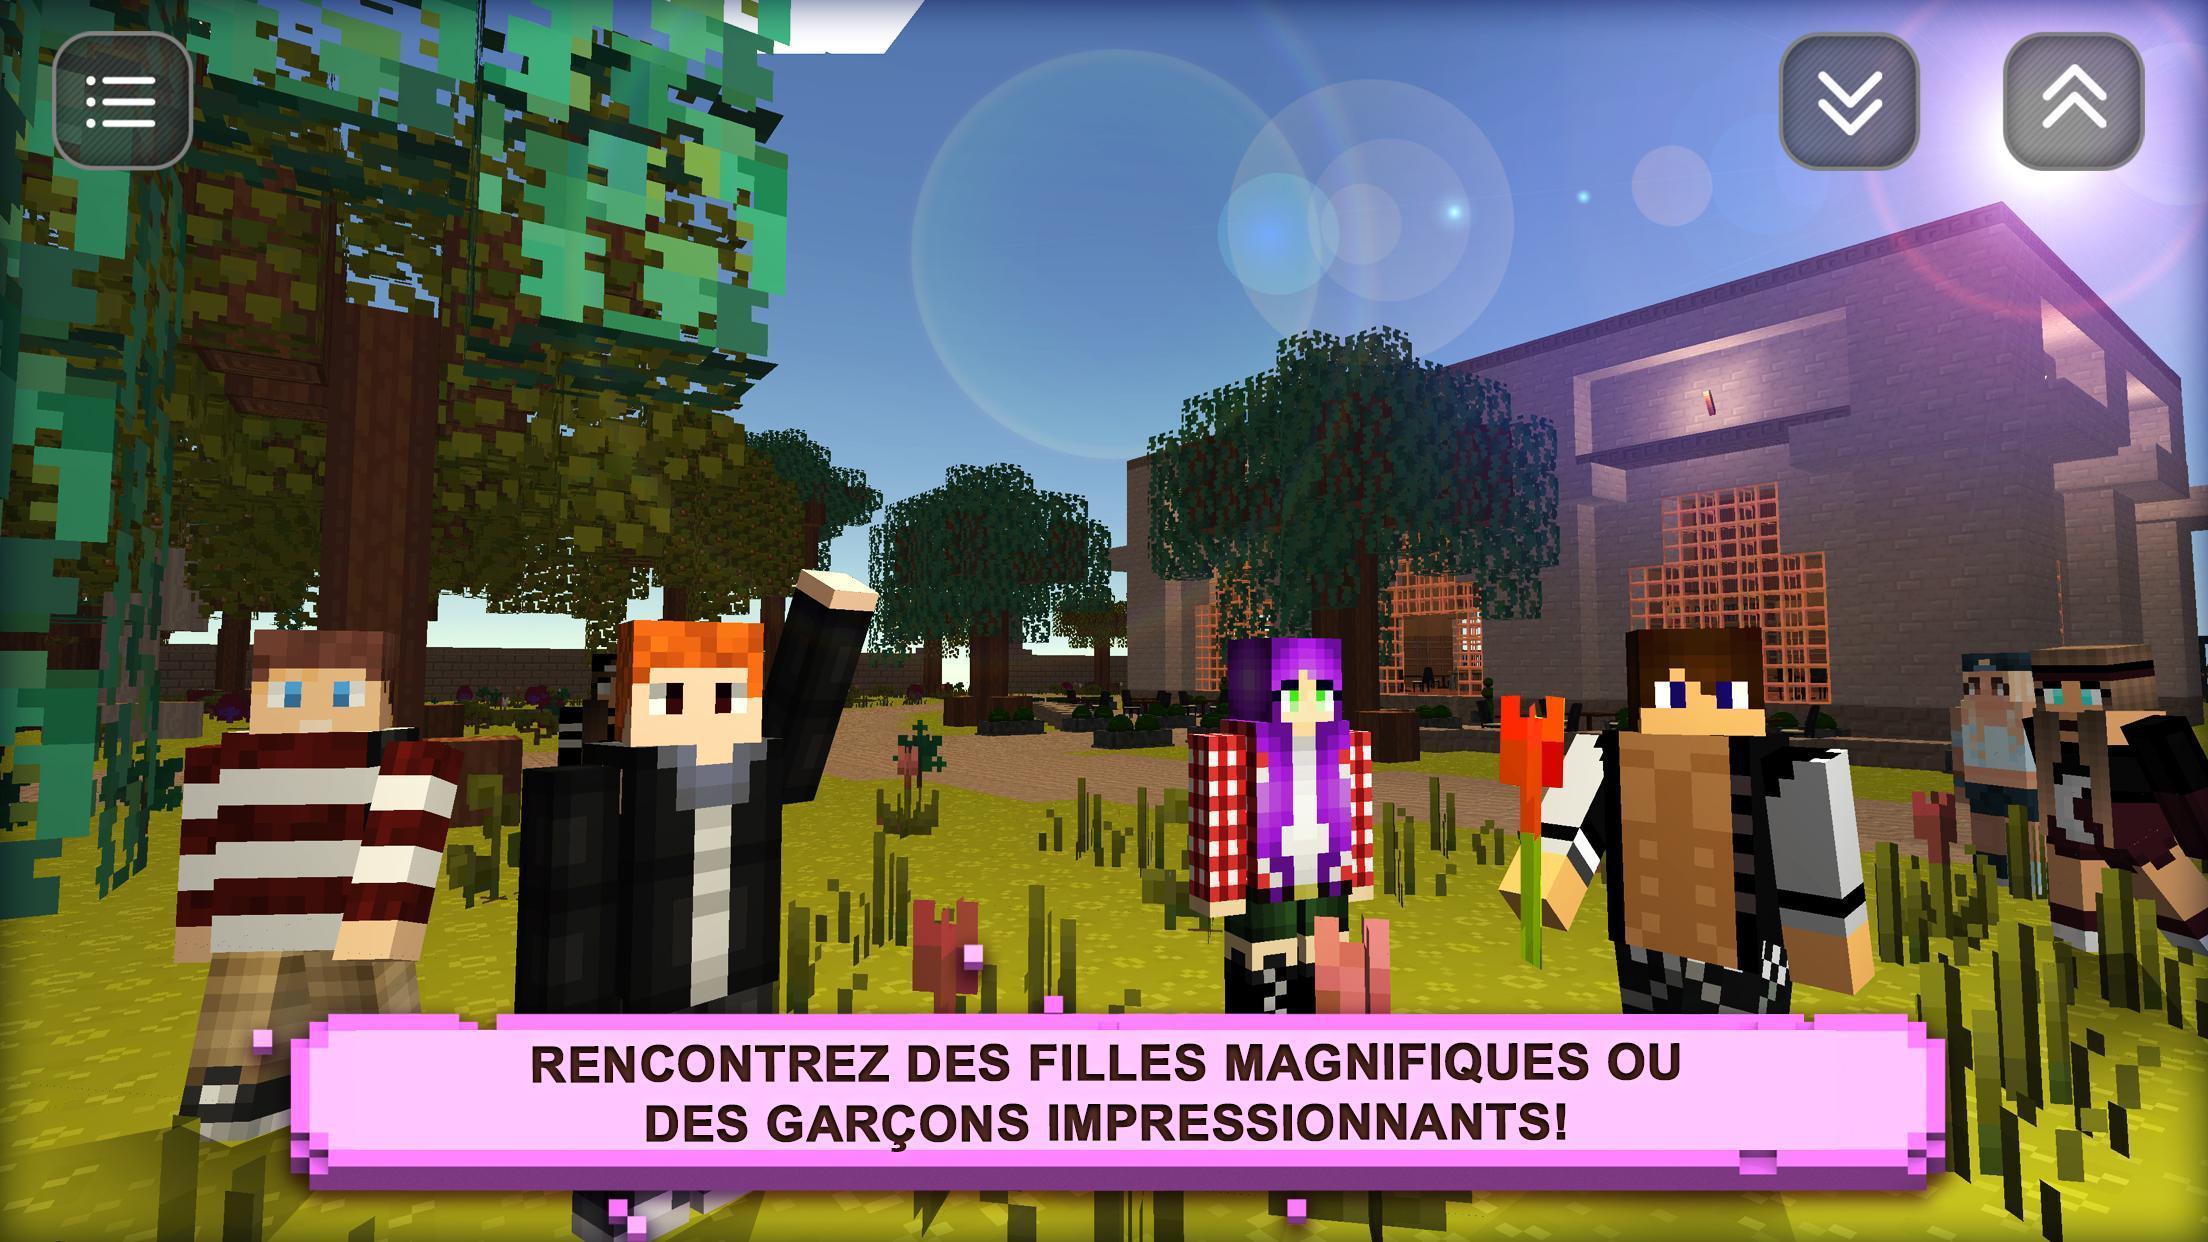 Jeu De Rencontre: Histoire Pour Android - Téléchargez L'apk tout Jeux Gratuit Pour Les Garcon